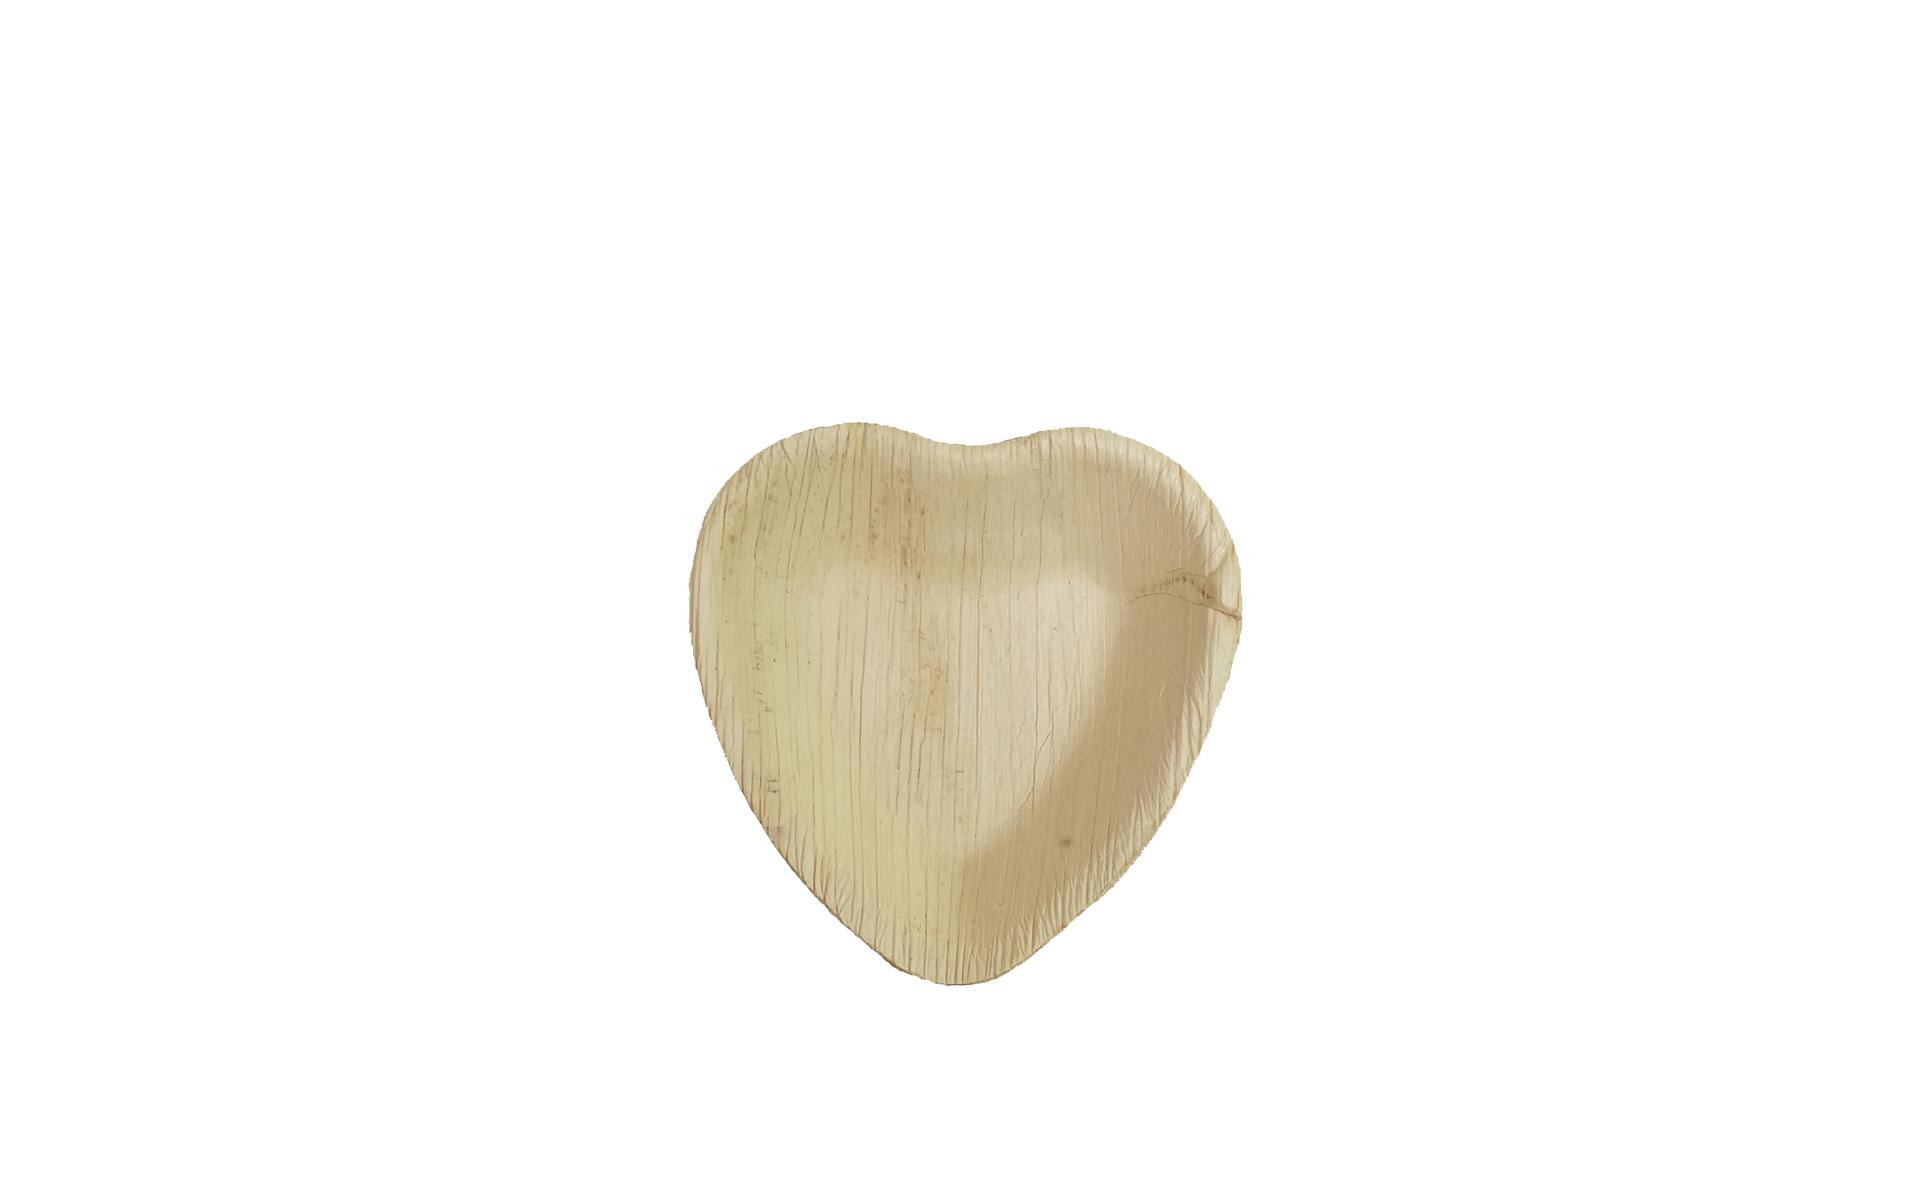 Plato corazón pequeño Areca